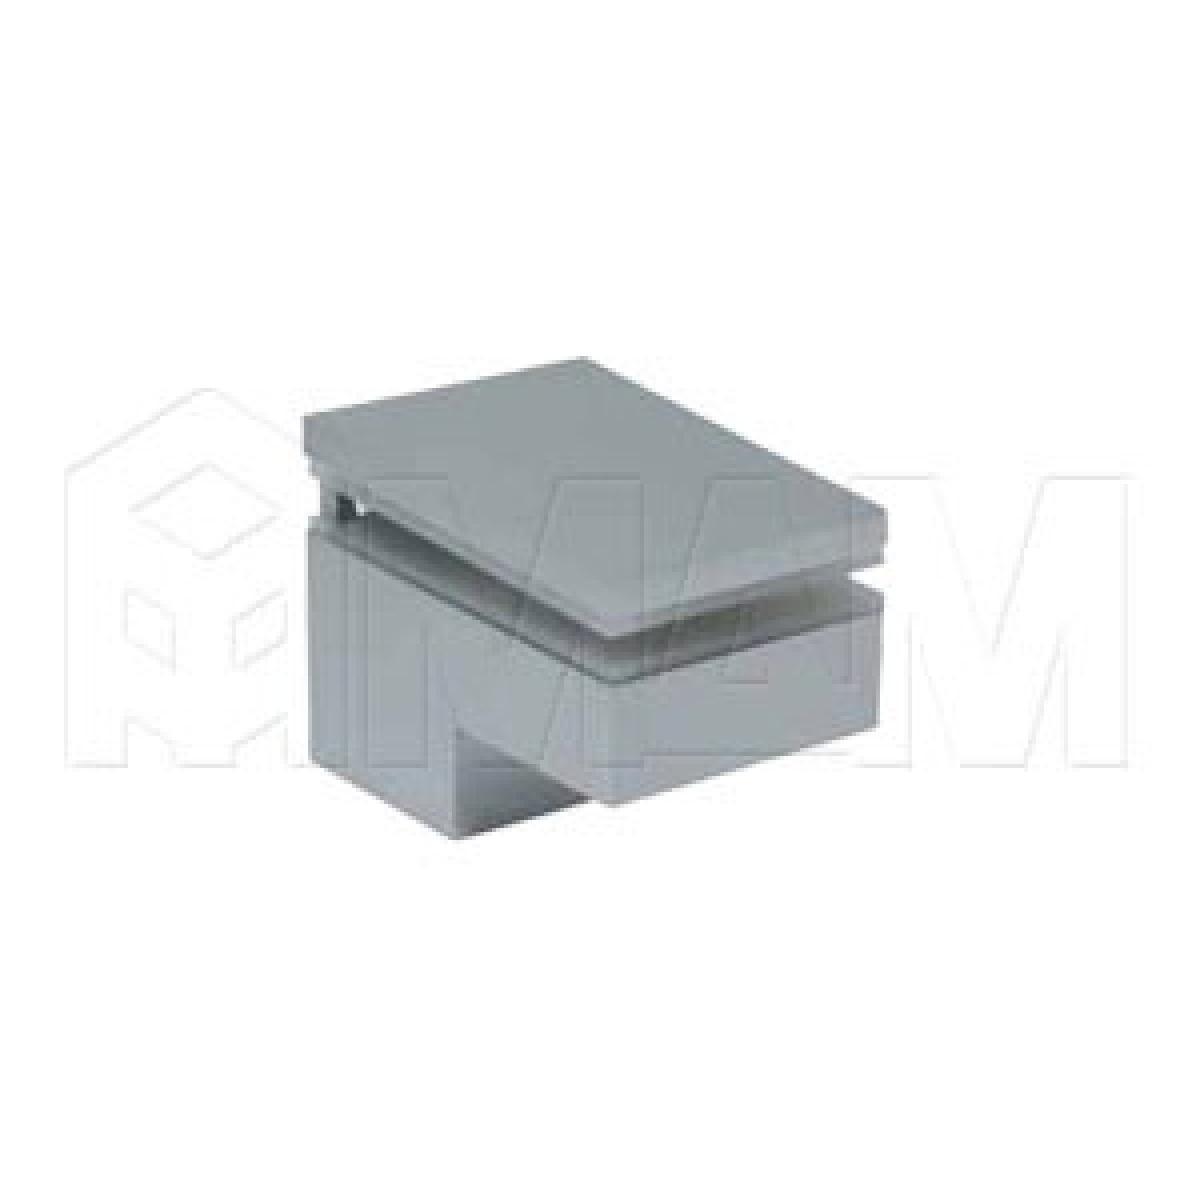 Менсолодержатель 40Х60 мм для деревянных и стеклянных полок 6 - 25 мм, хром матовый (2 шт.)